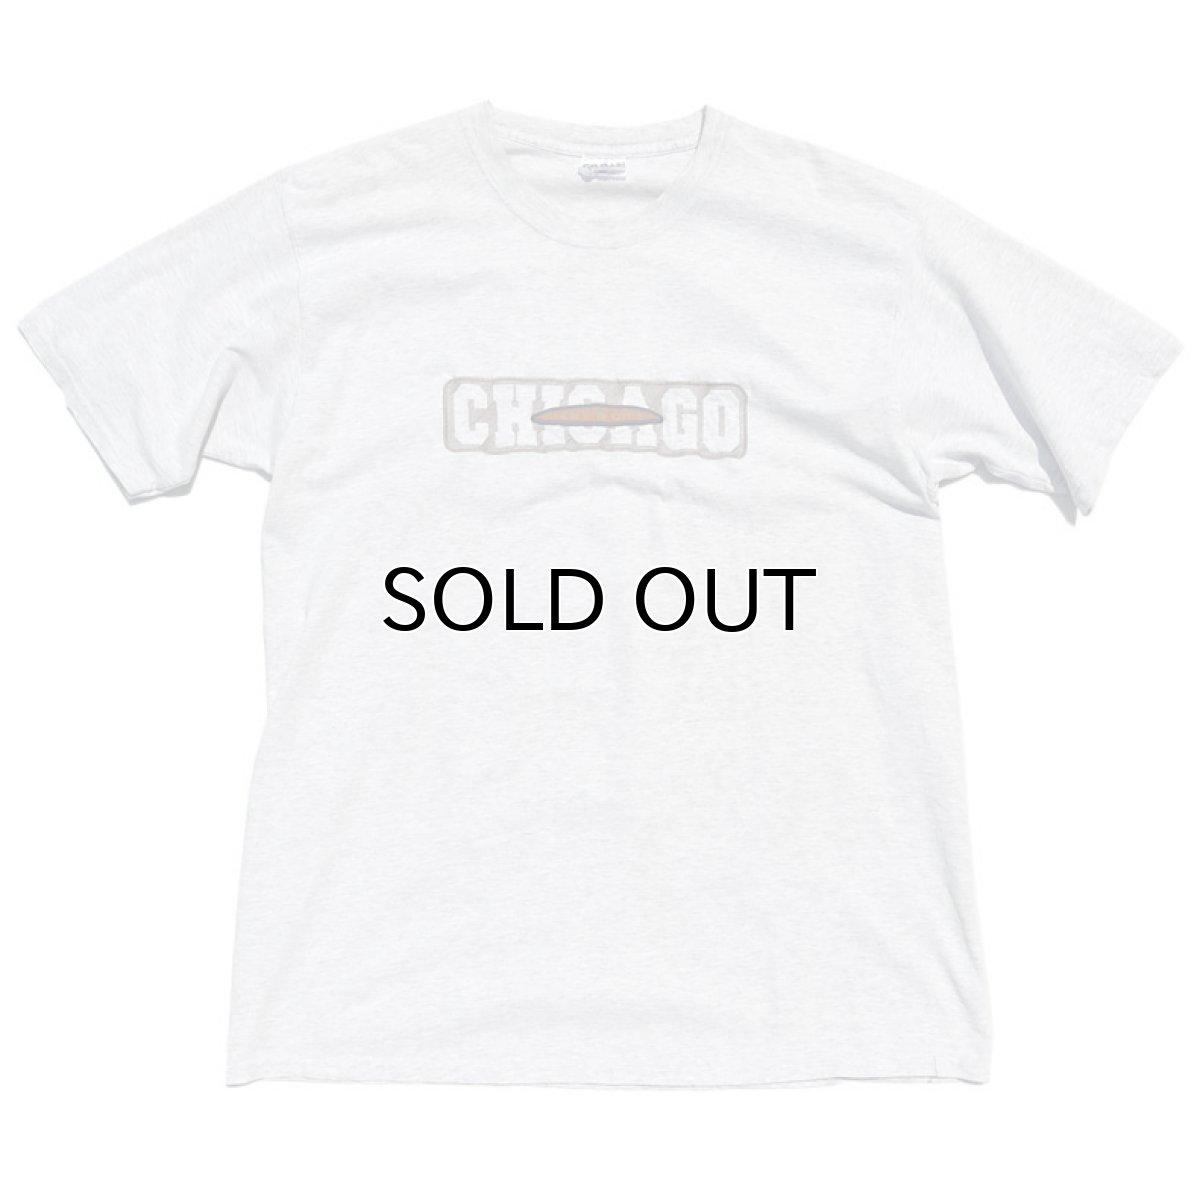 """画像1: GILDAN """"CHICAGO"""" Logo Print T-Shirt ASH GREY size XL(表記不明) (1)"""